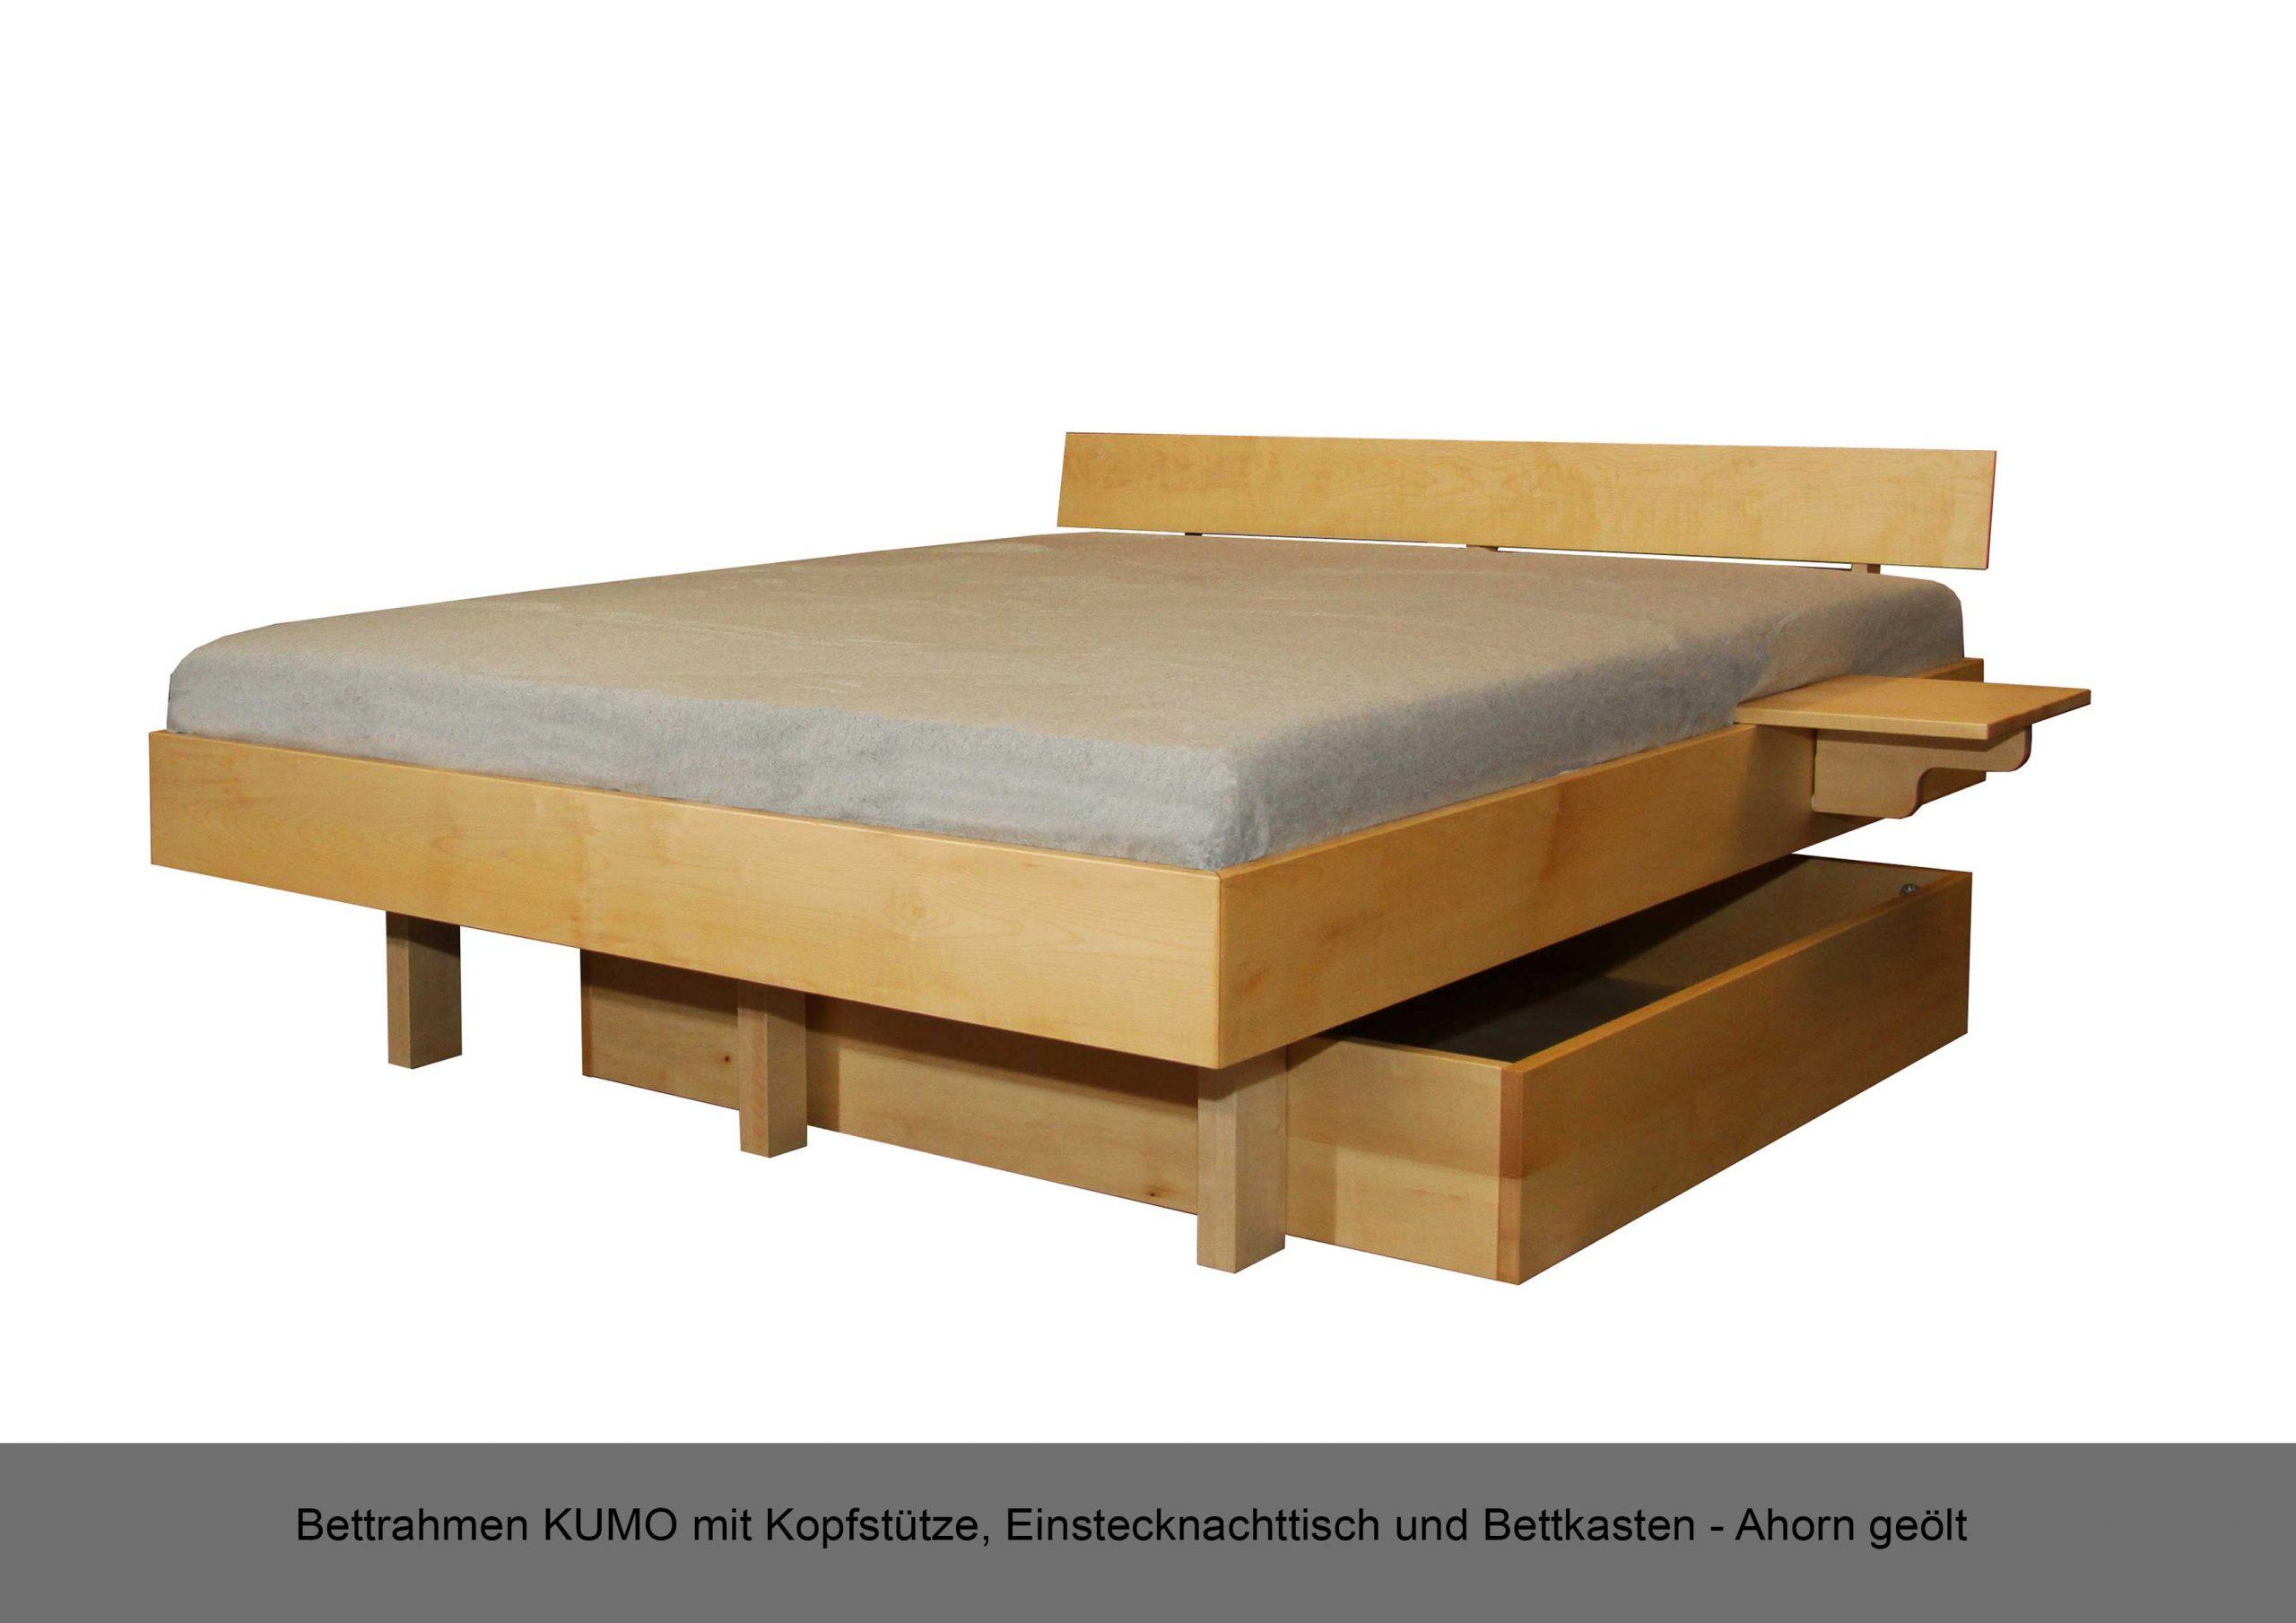 Schwebebettrahmen Massivholz Bettkasten Nachttisch Einstecknachttisch Kopfstütze KUMO Ahorn geölt